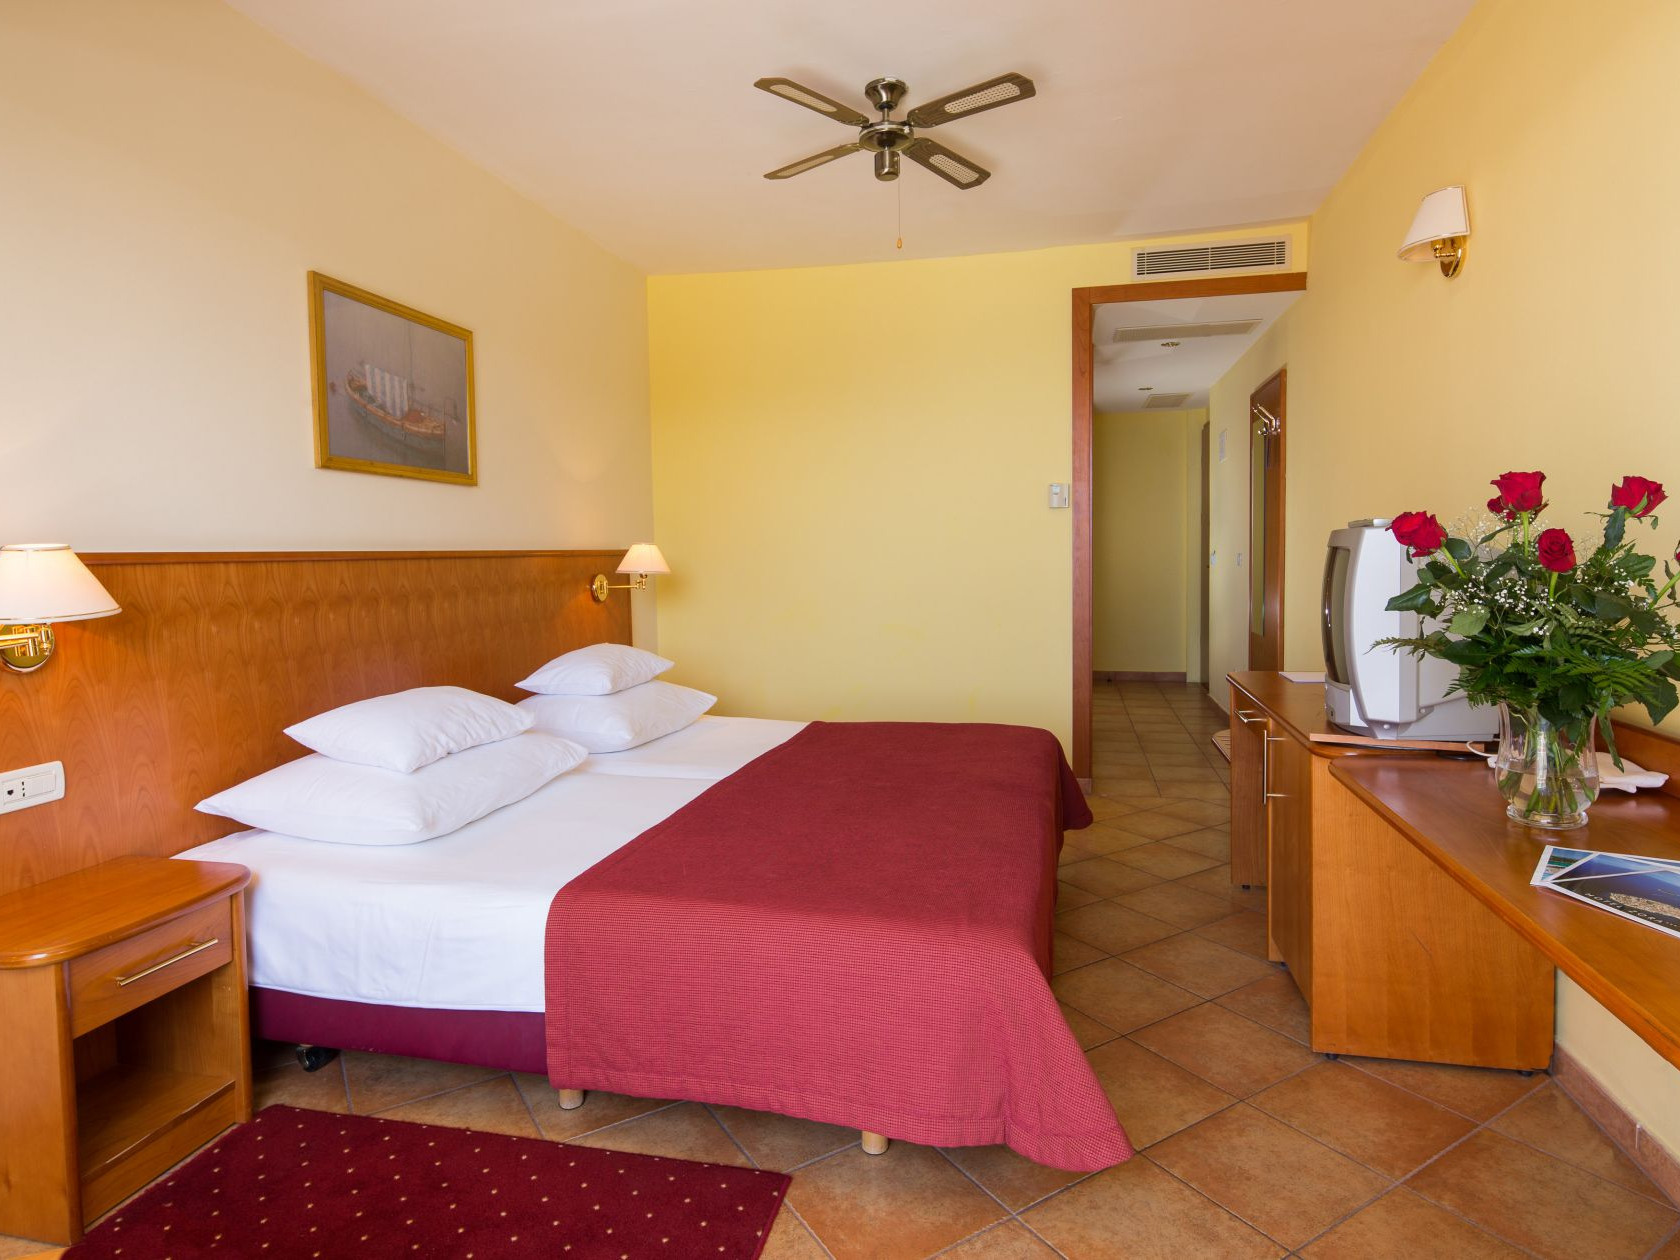 premier club family room 01 14825104552 o uai - Zora Hotel